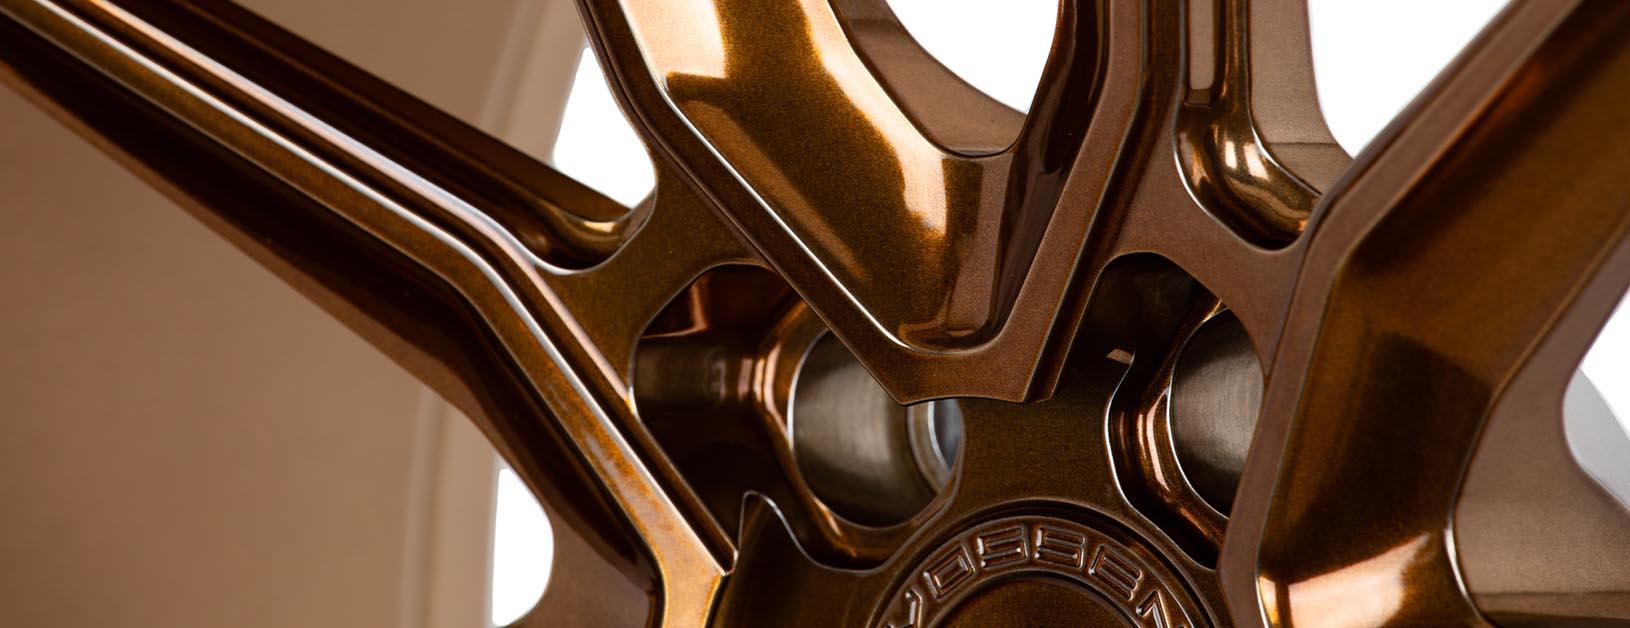 Vossen-EVO-2-C15-Brickell-Bronze-EVO-Series-©-Vossen-Wheels-2019-0507